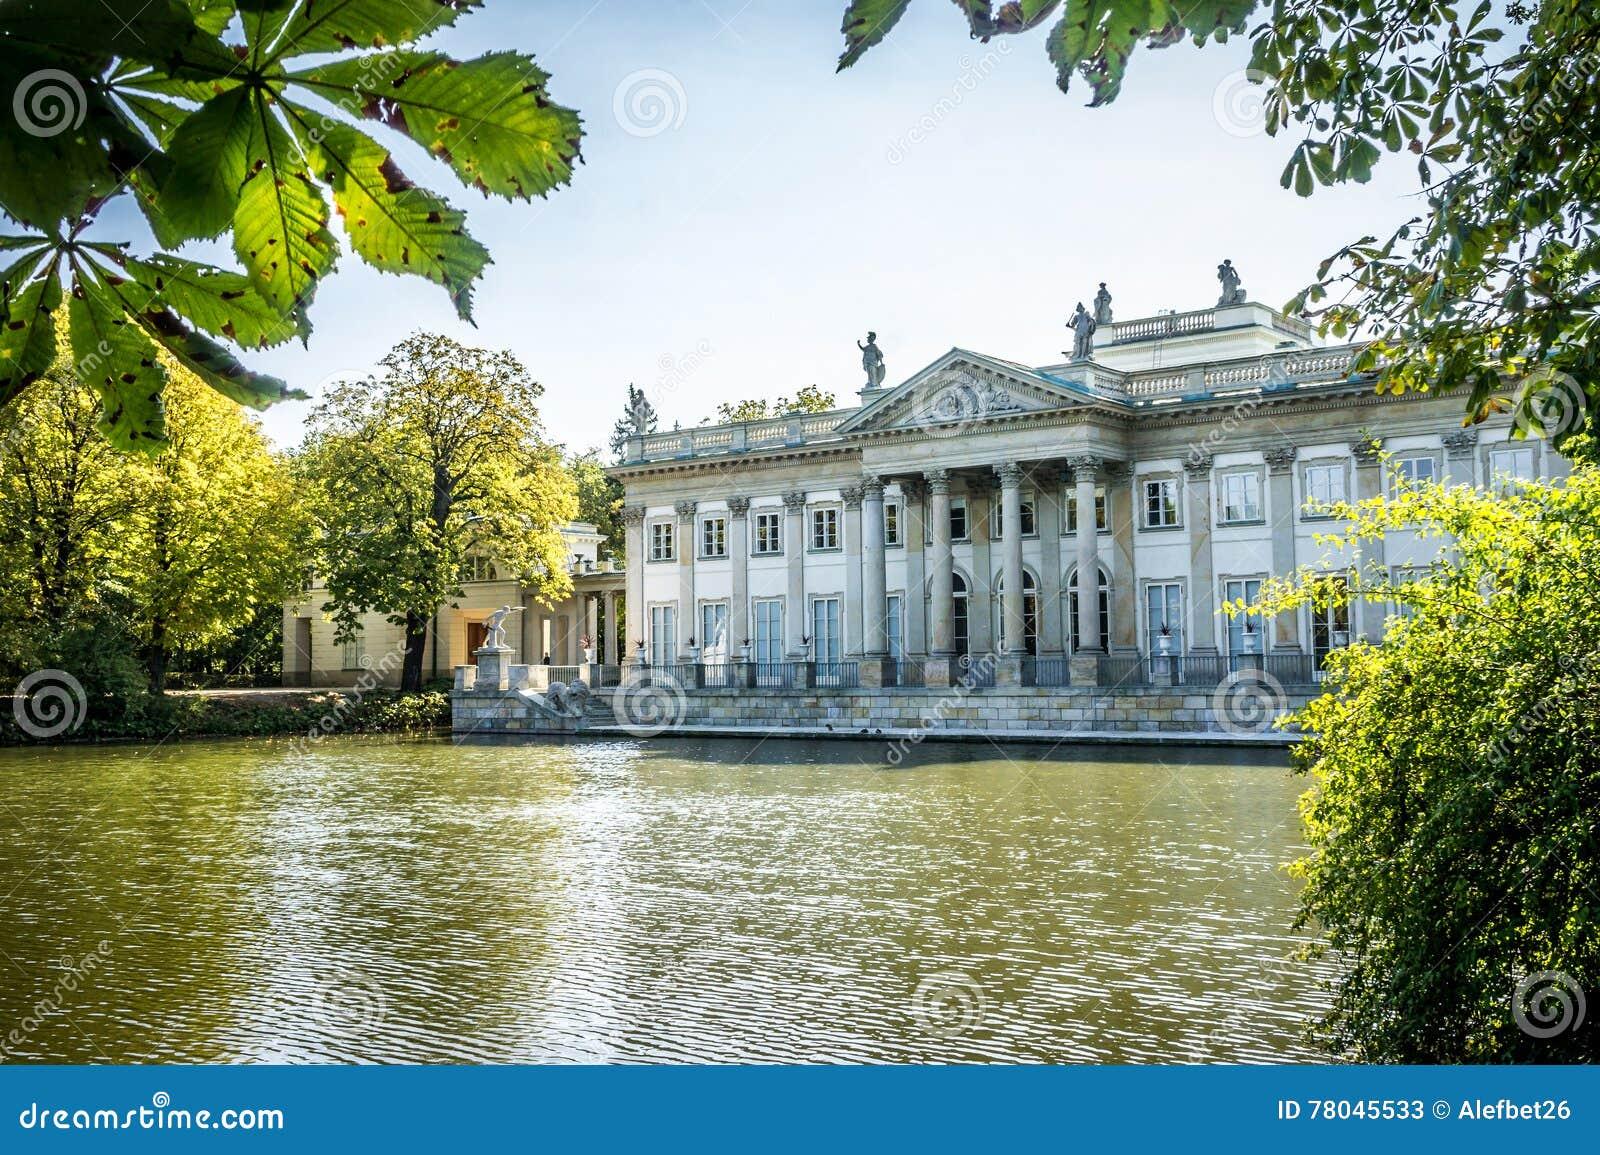 Palast Auf Dem Wasser Lazienki Park In Warschau Polen Nordfassade